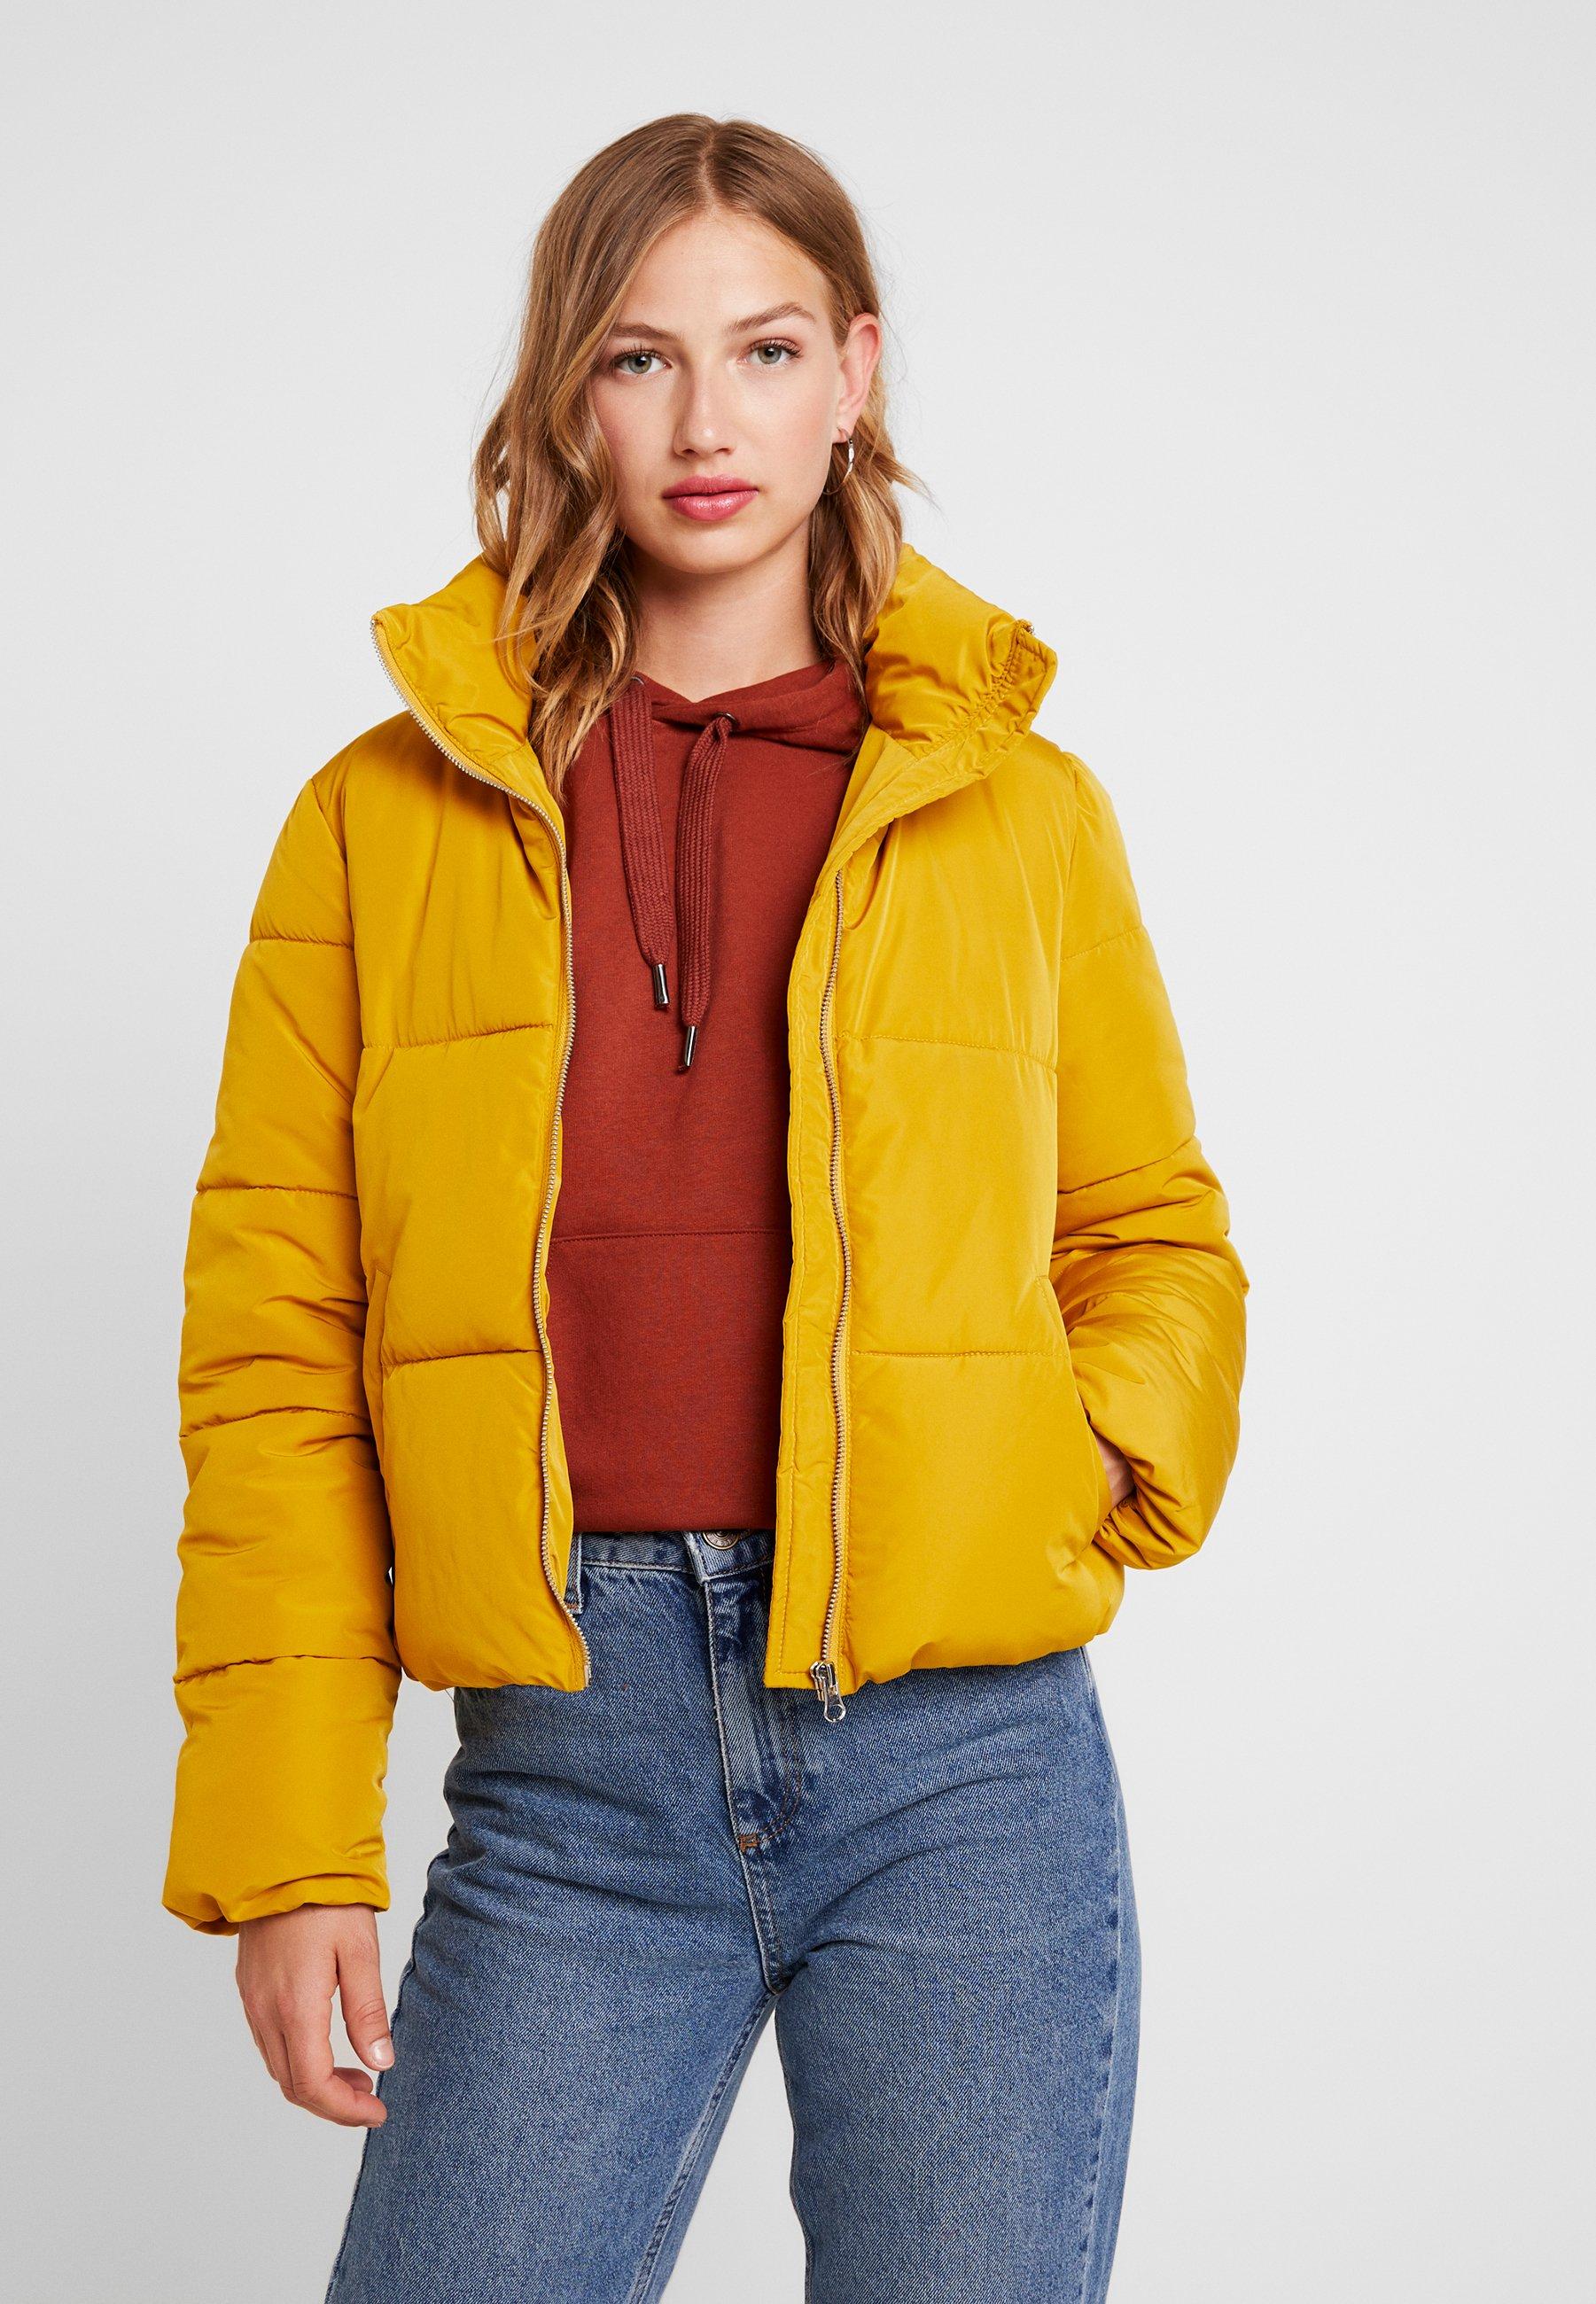 Złote Kurtki zimowe damskie mogą być stylowe! Odkryj te w